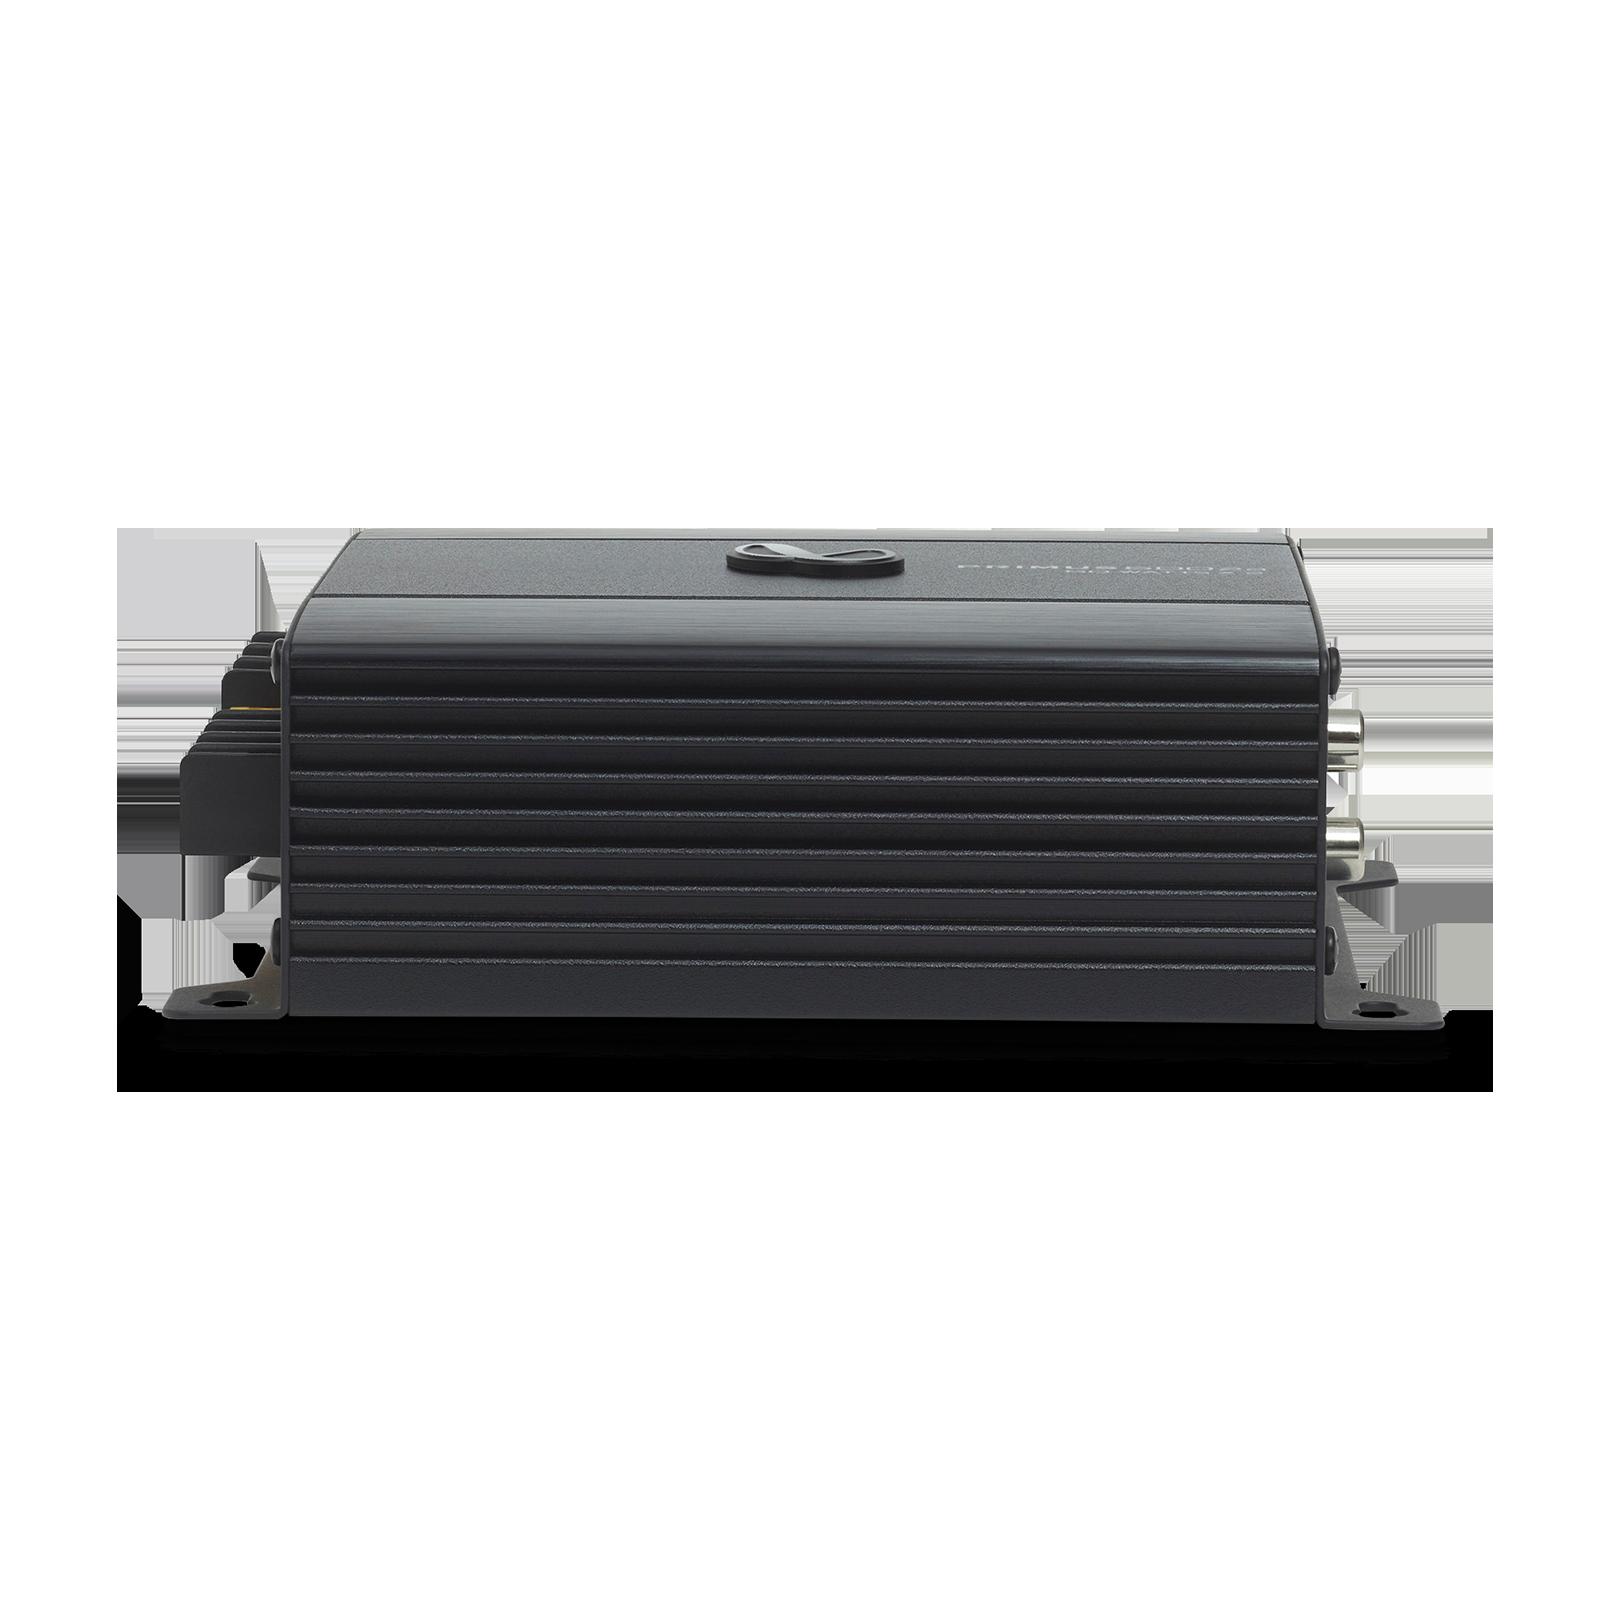 Primus 6002a - Black - Detailshot 2